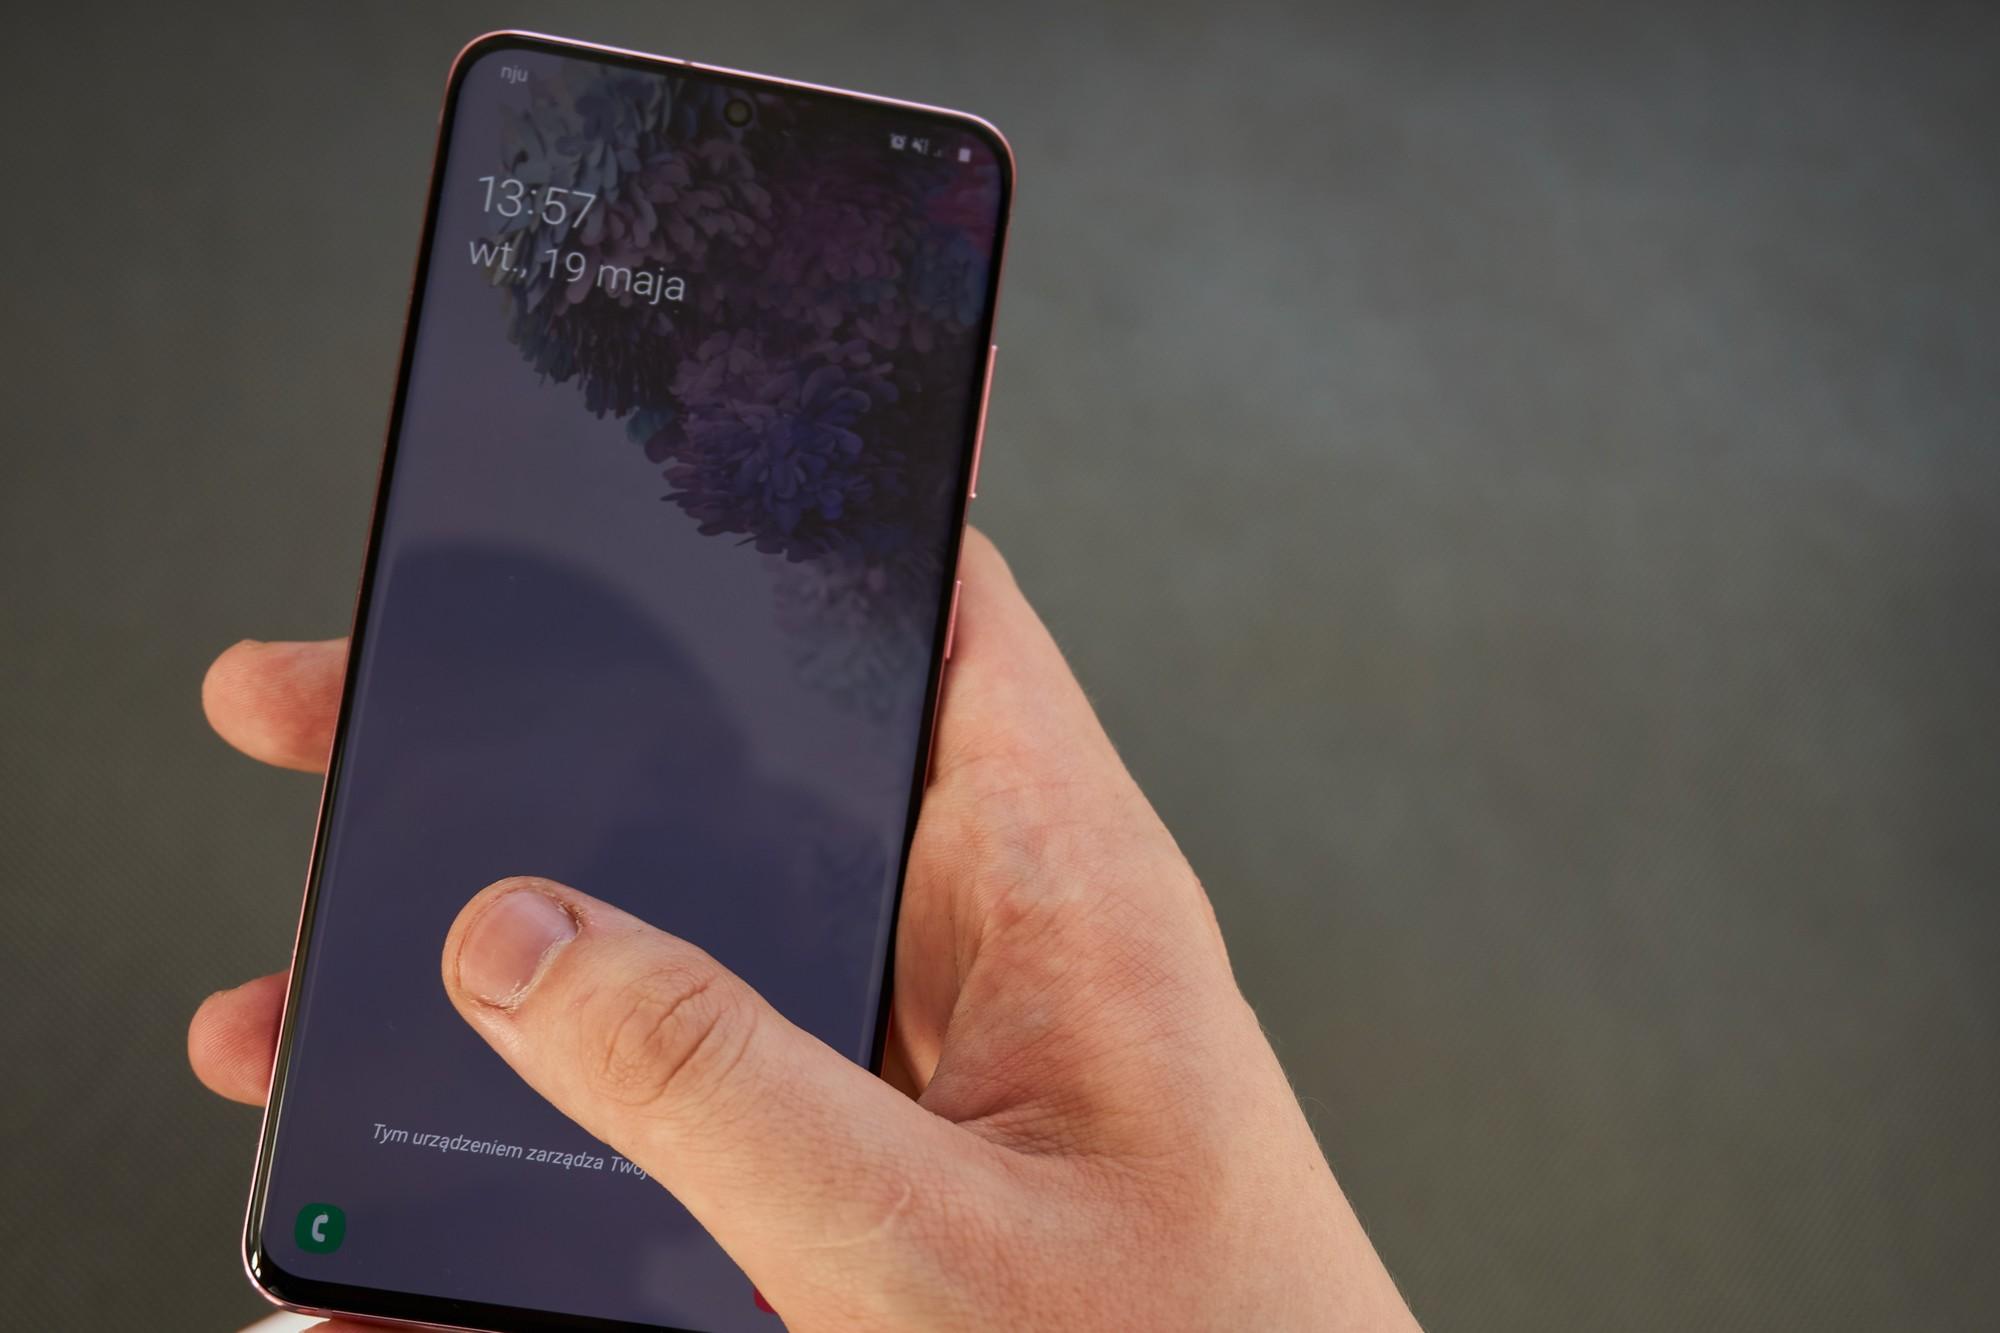 Samsung nie wykorzysta chińskich wyświetlaczy w Galaxy S30, bo oblały testy jakości 19